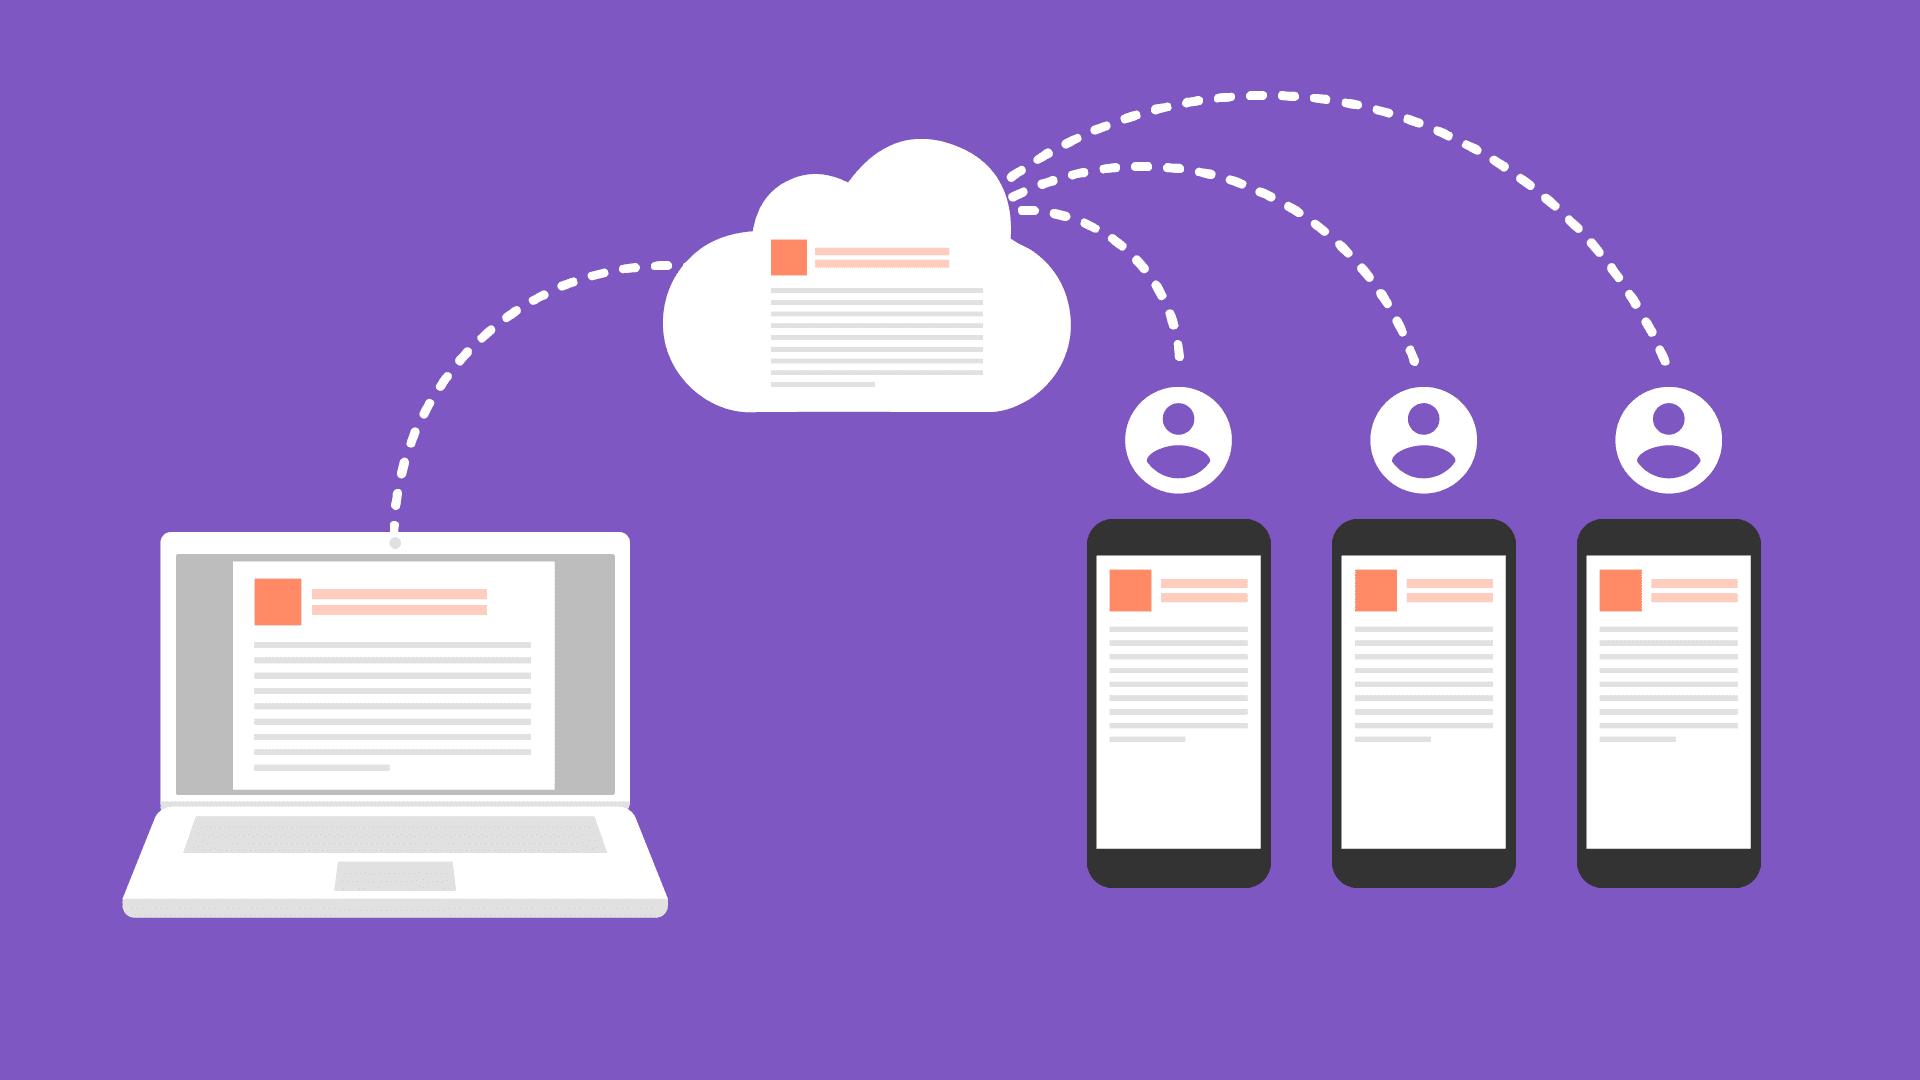 Ilustracja synchronizacji danych w chmurze z klientami